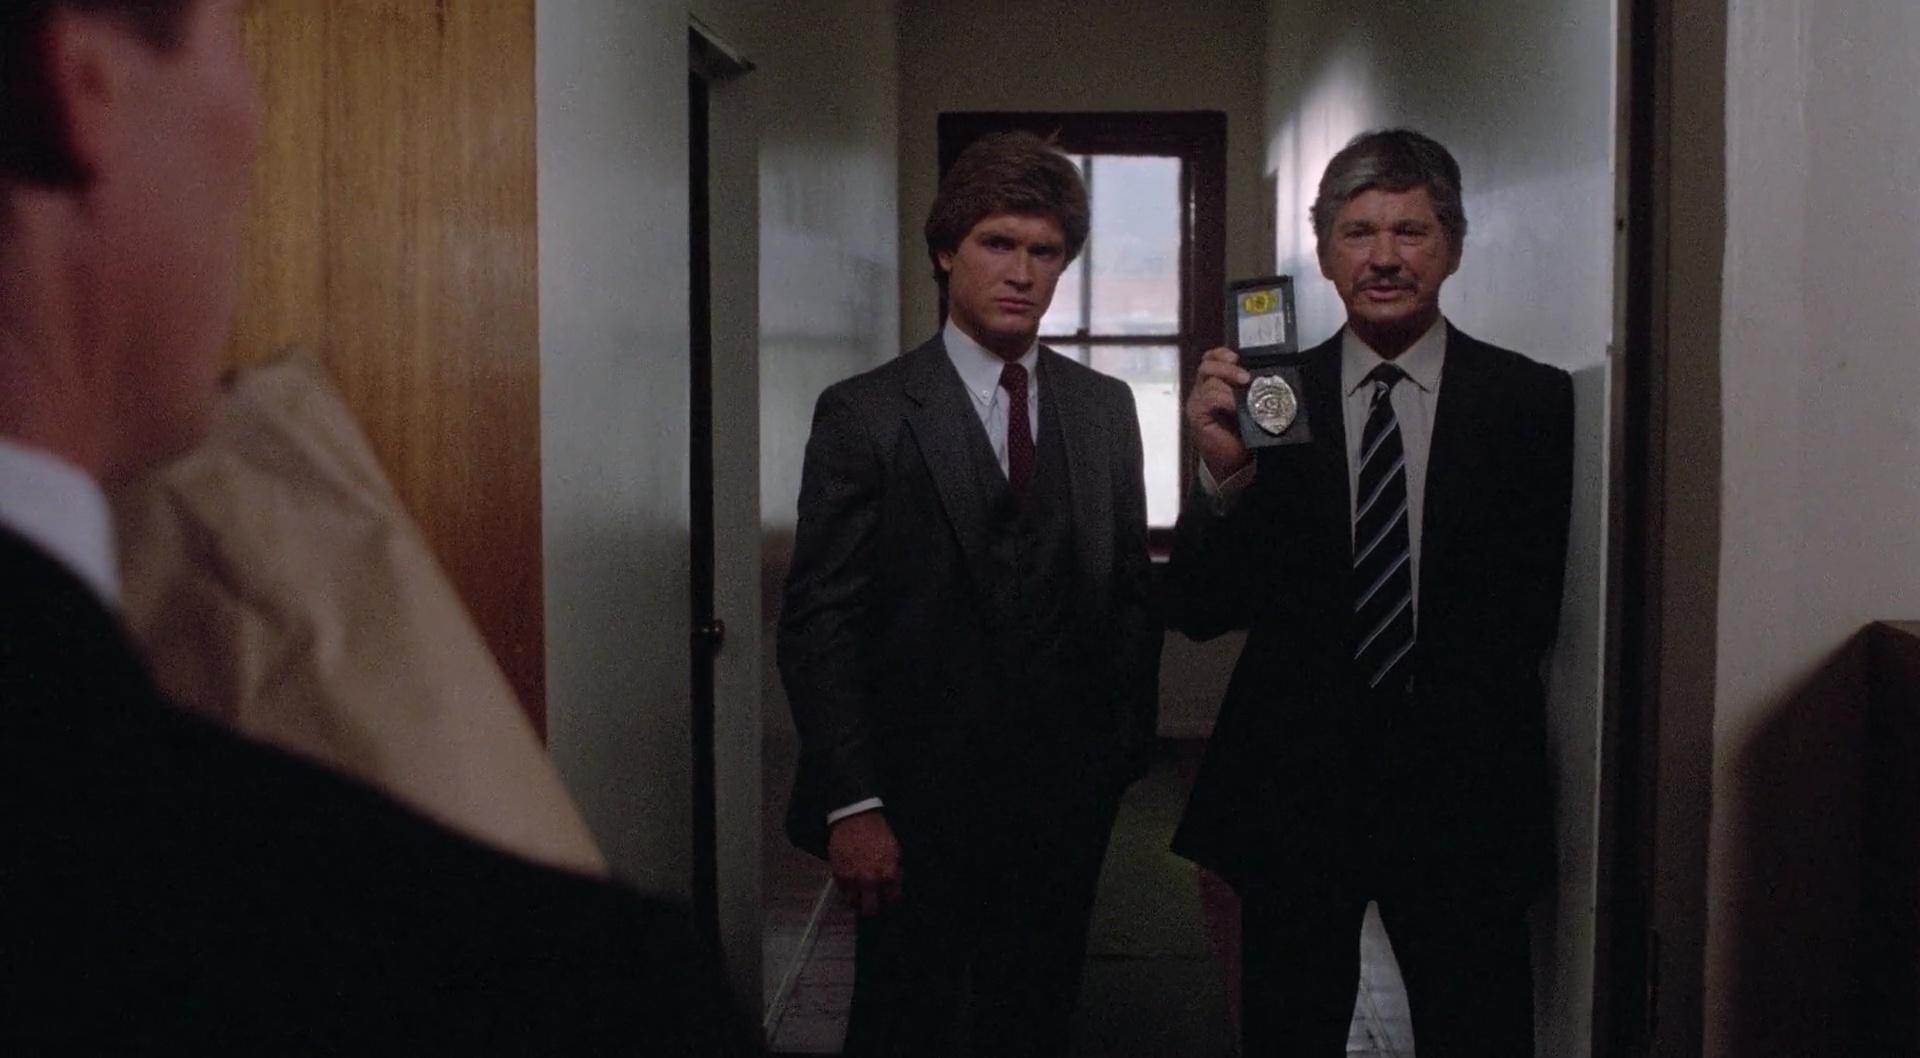 LE JUSTICIER DE MINUIT (10 To Midnight) de J. Lee Thompson (1983)